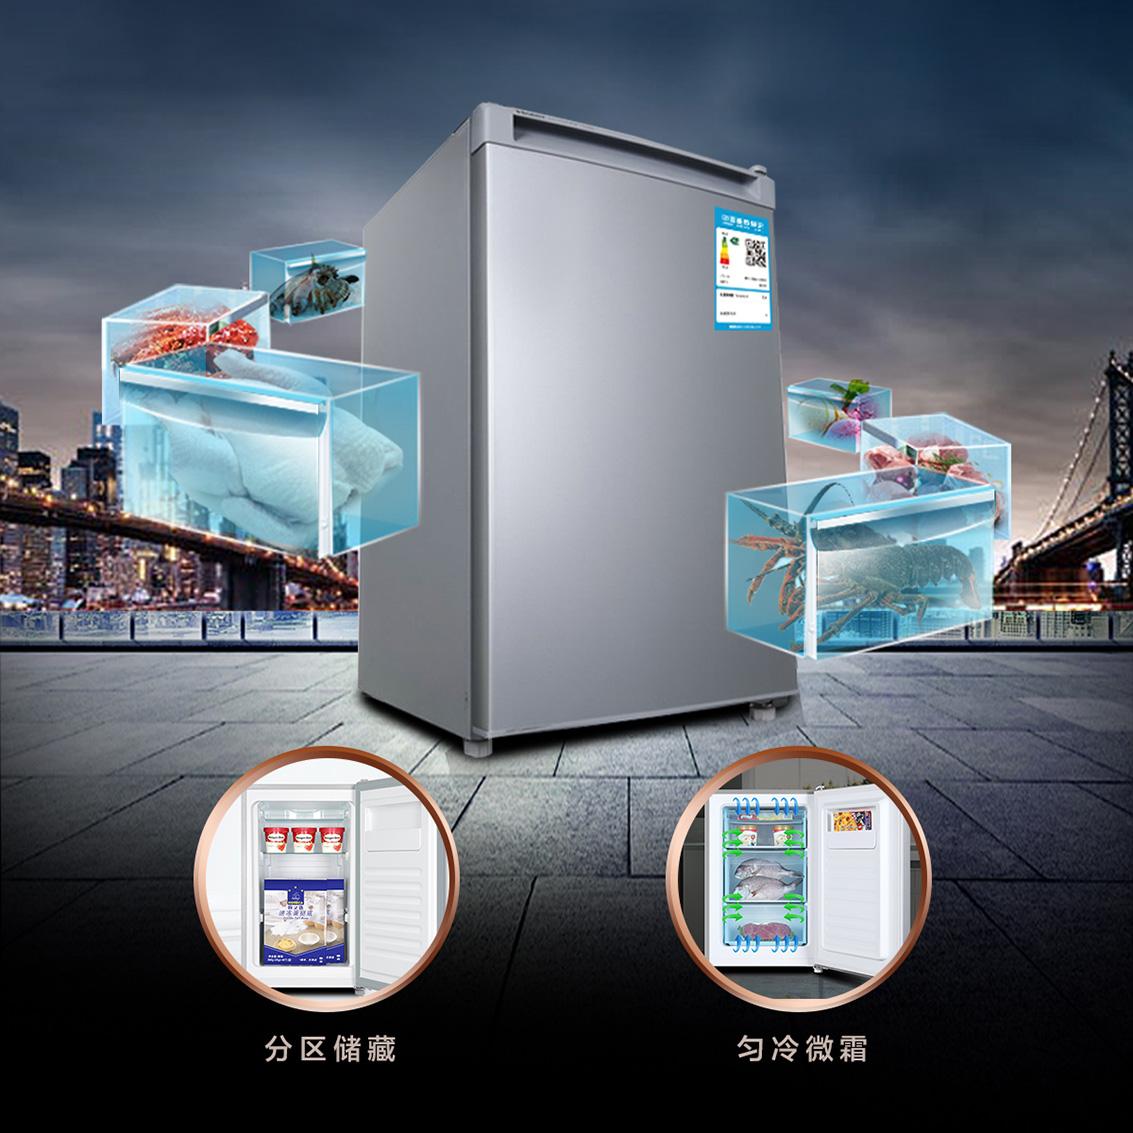 升家用小型抽屉冰柜立式母婴母乳冷冻柜 103DL103 BD 海尔 Haier